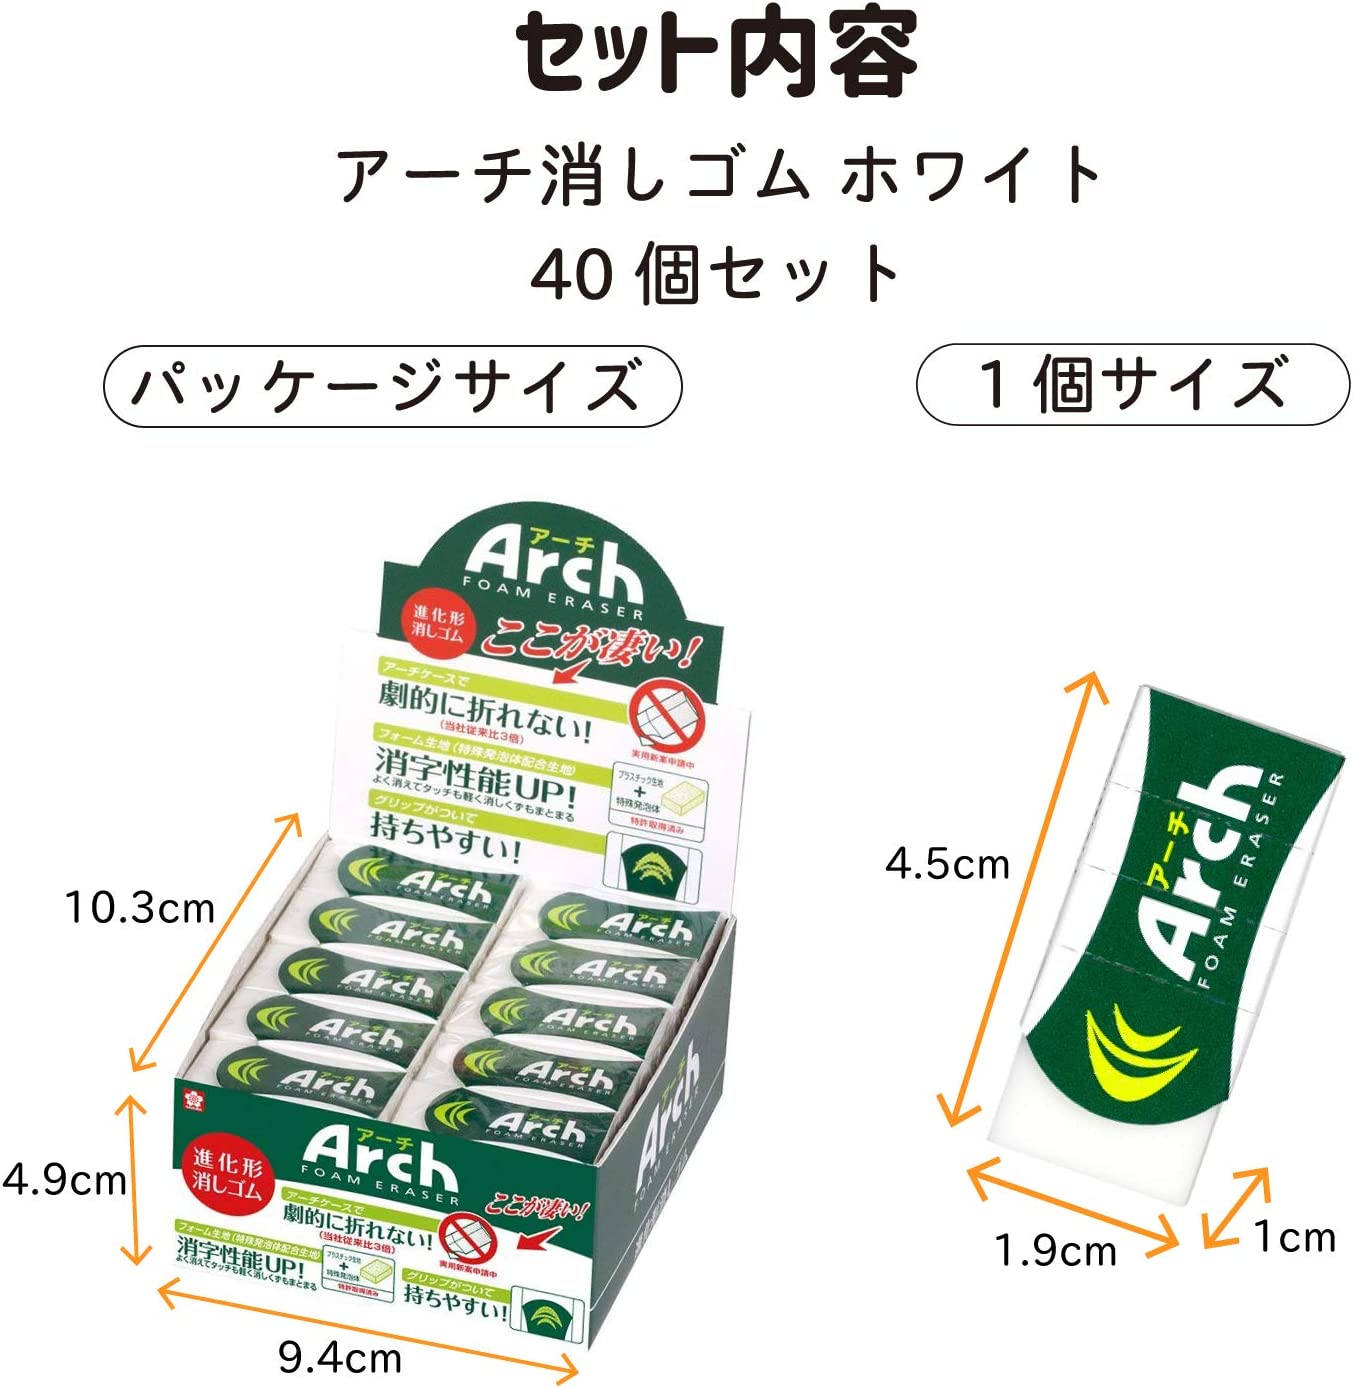 40 pcs Sakura Color arch eraser 60 RAF60 40